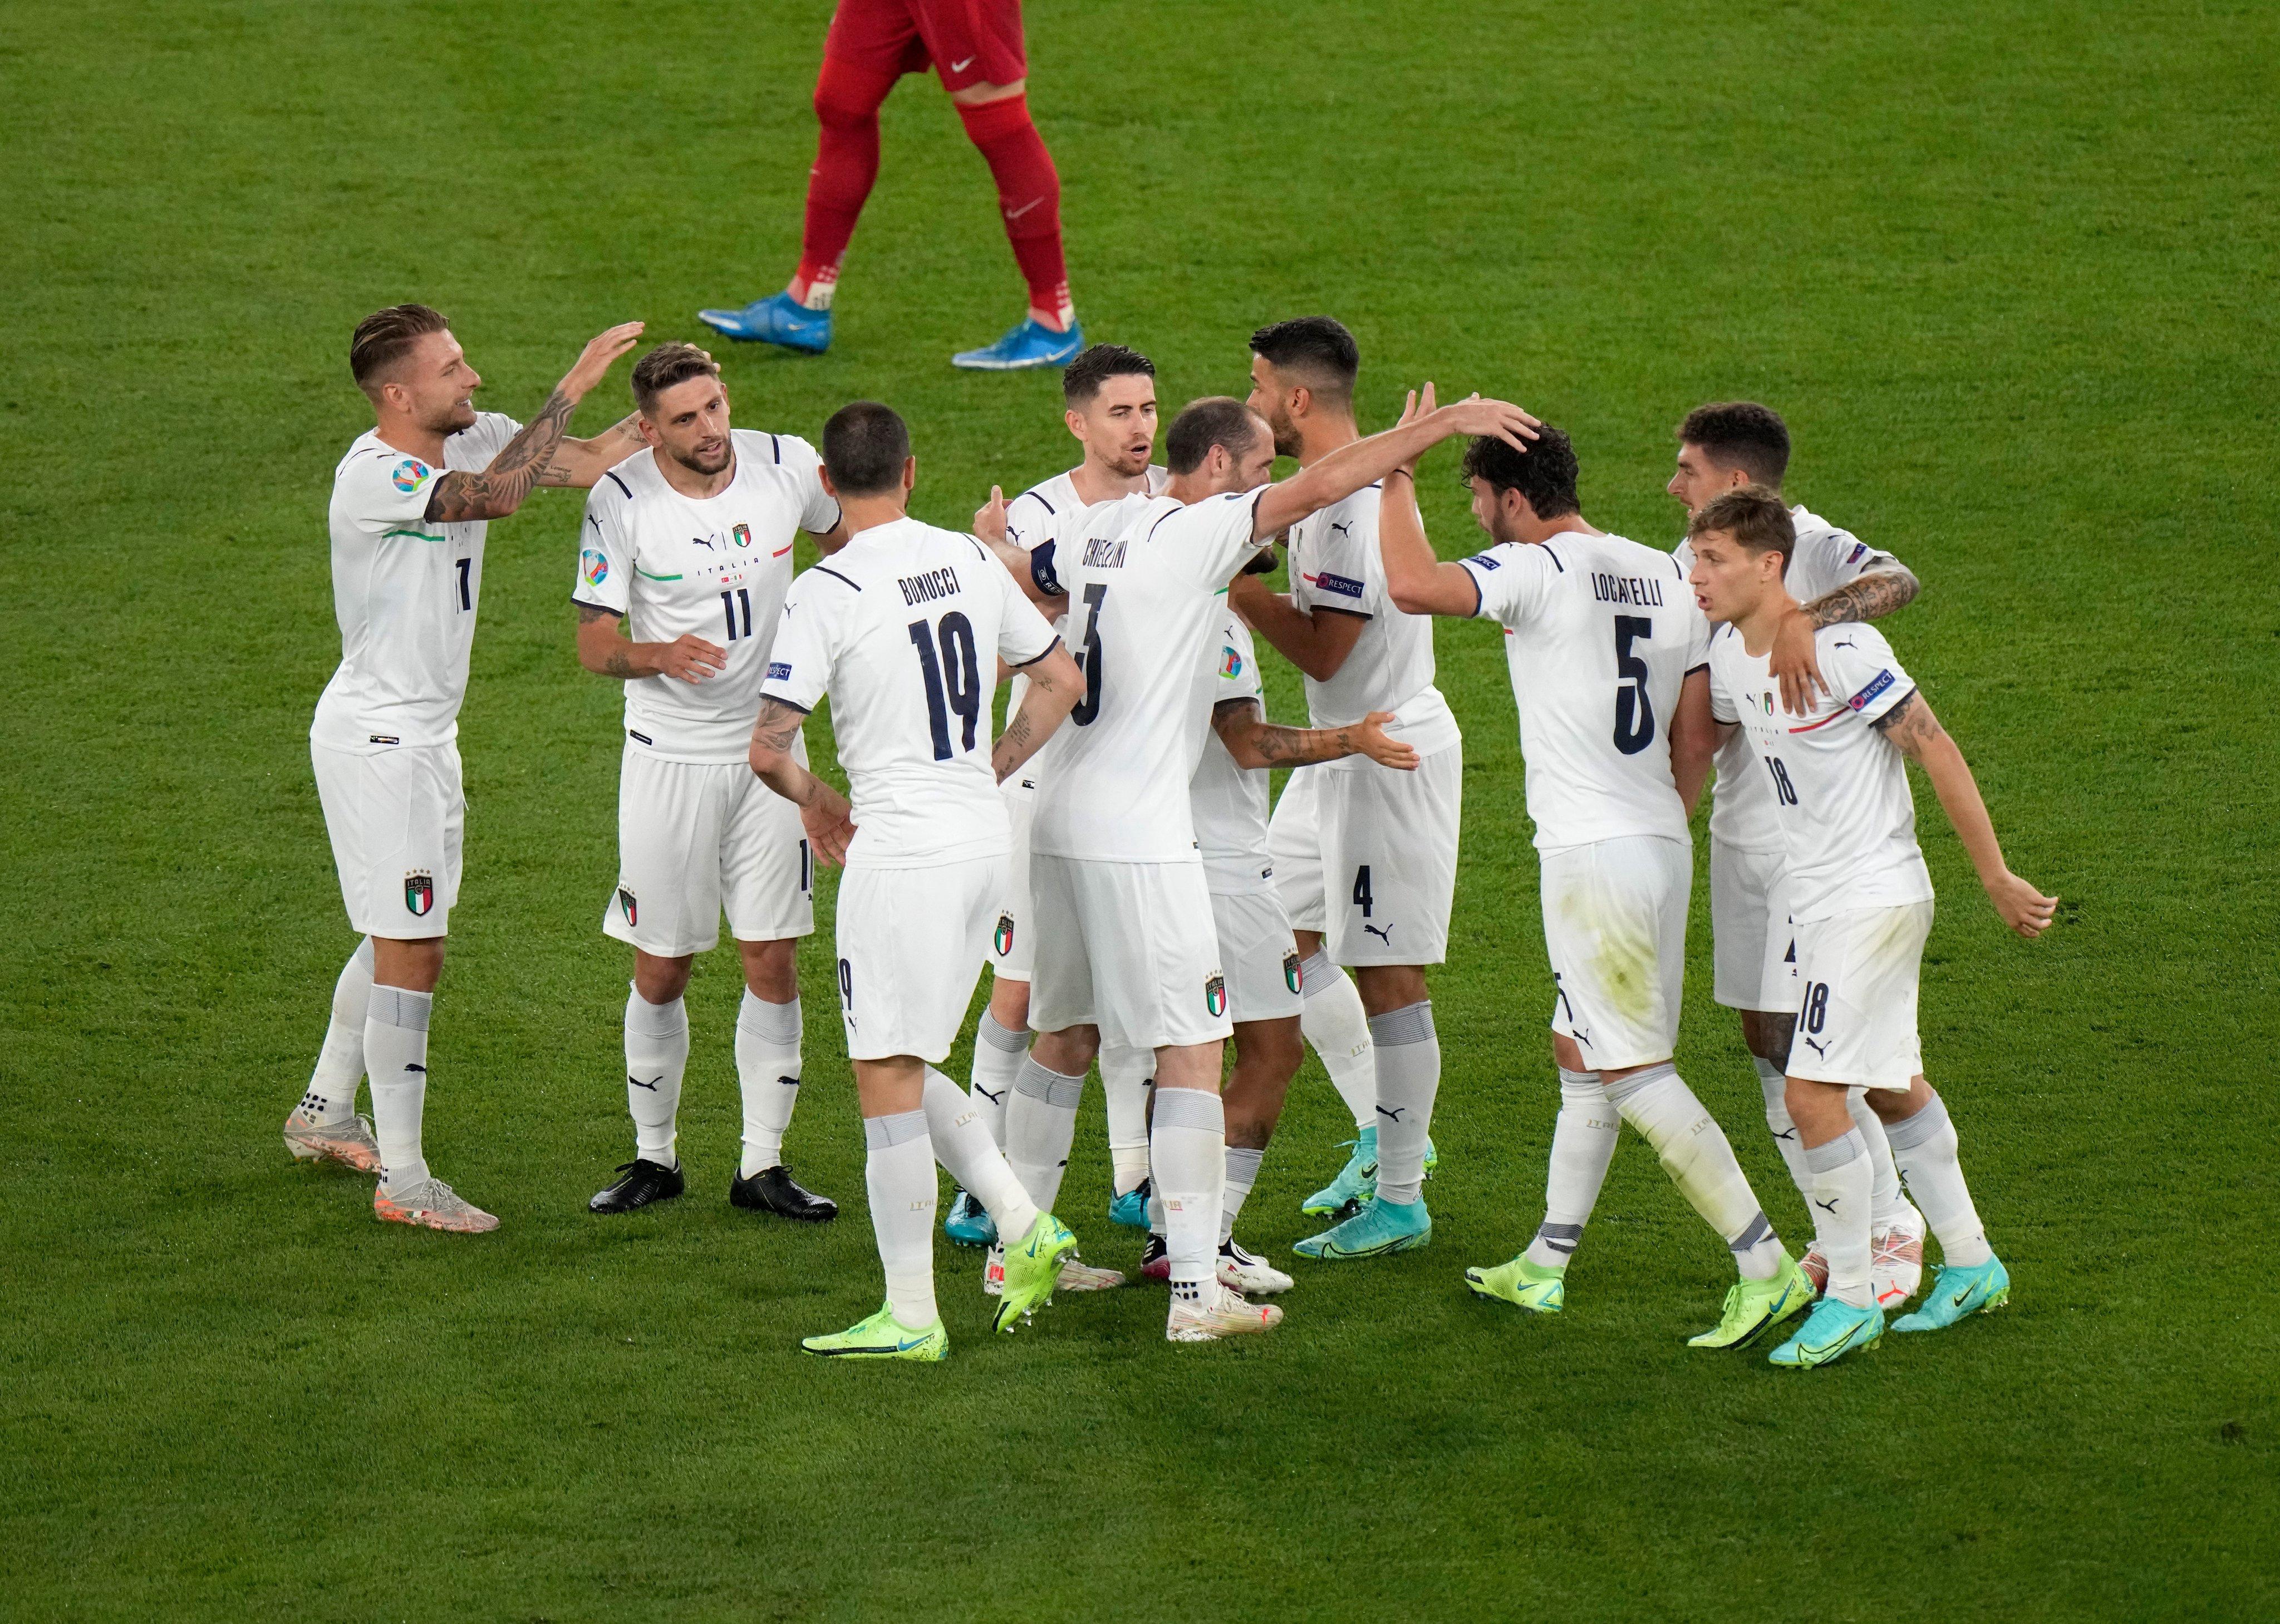 منتخب إيطاليا يحتفل بالهدف الأول